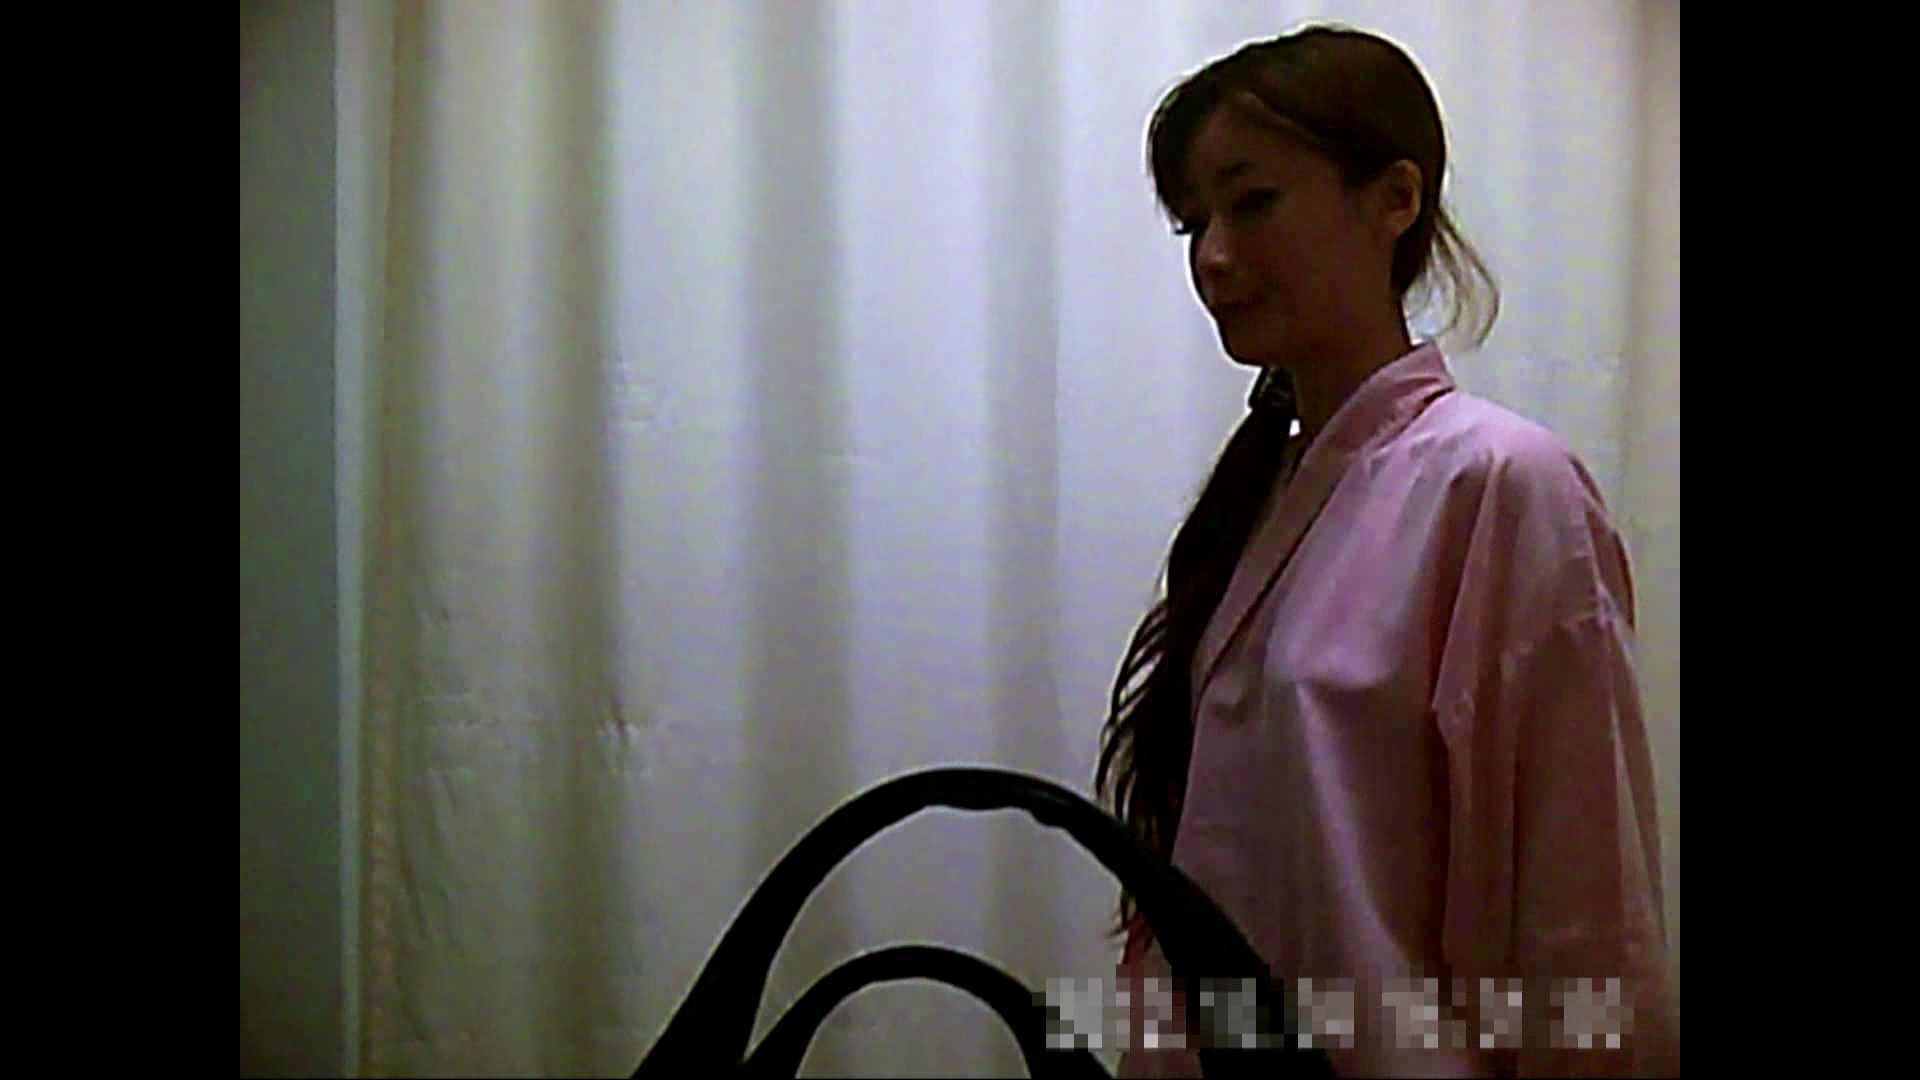 元医者による反抗 更衣室地獄絵巻 vol.068 エッチすぎるOL達 | 0  98連発 11